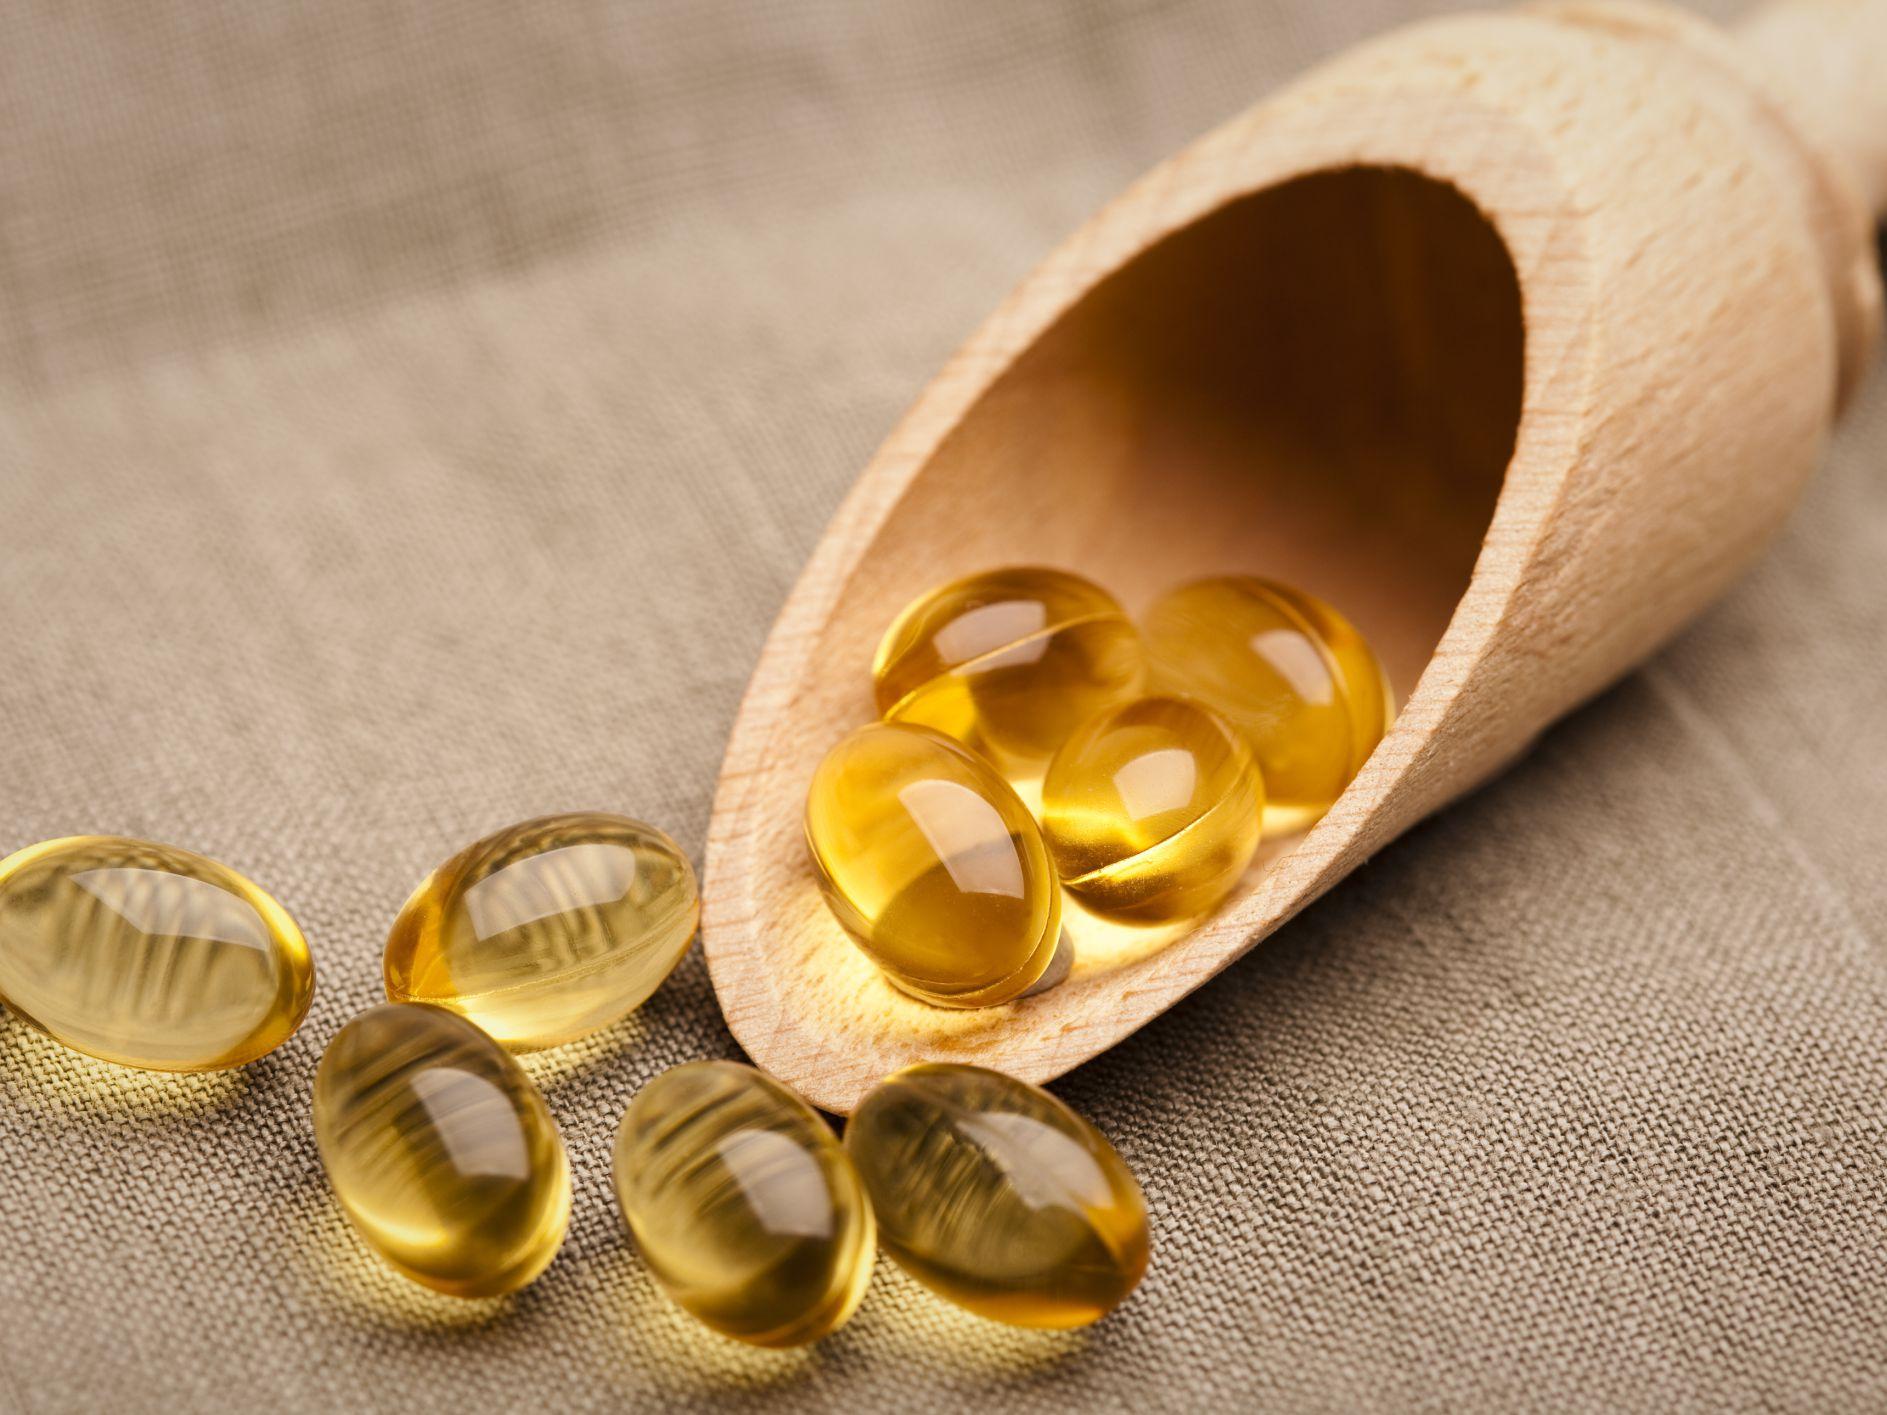 عوارض کمبود ویتامین E و جبران آن با مصرف گوشت شترمرغ